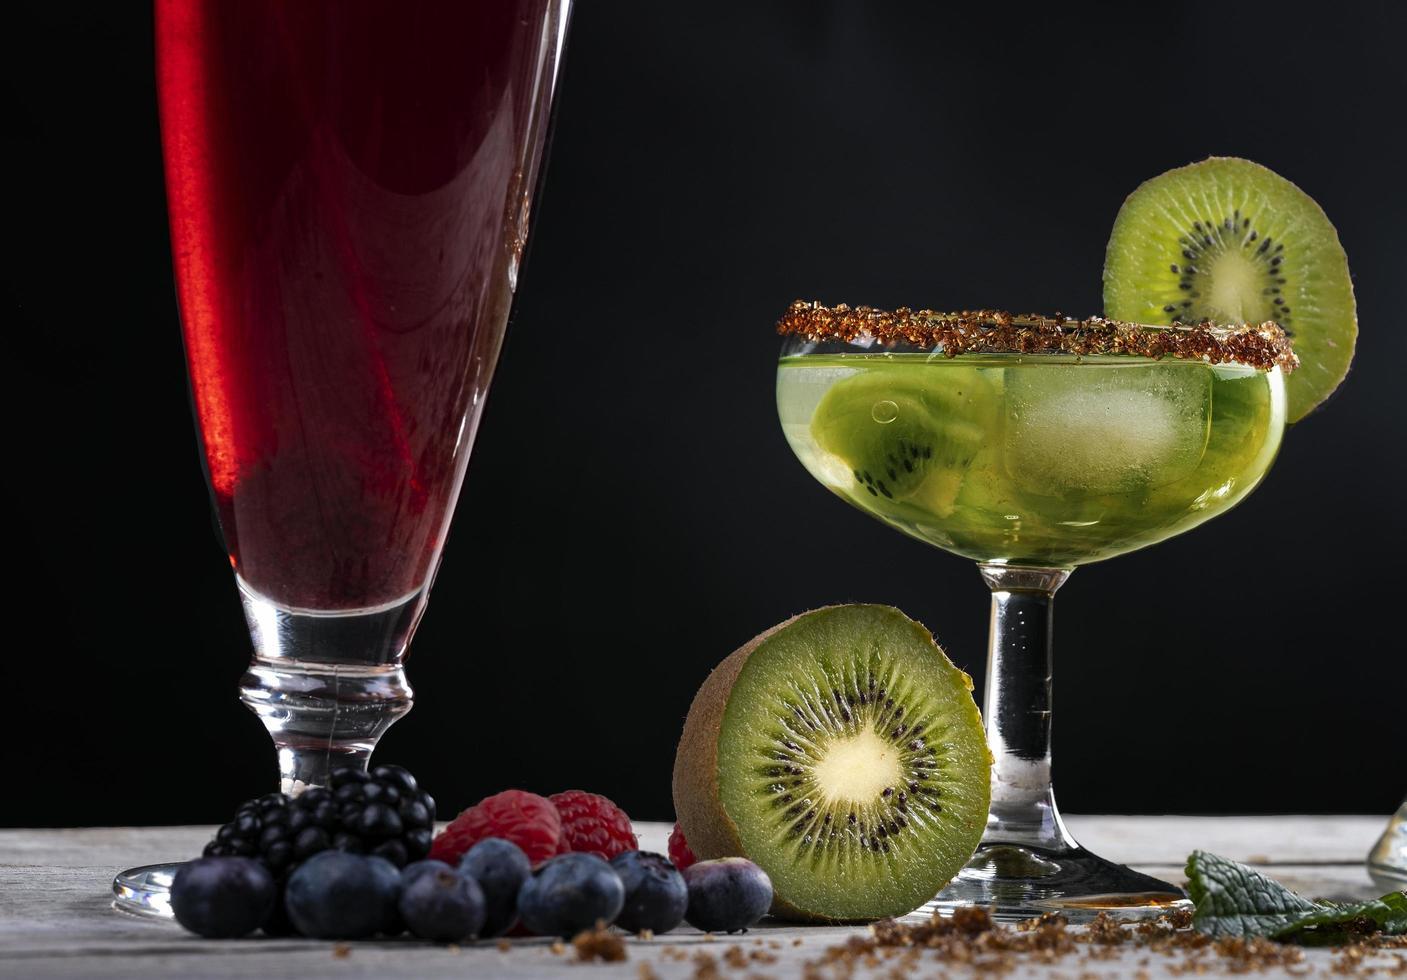 kiwi-cocktail dekorerad med skivor och skogsfrukter på en träbas. foto